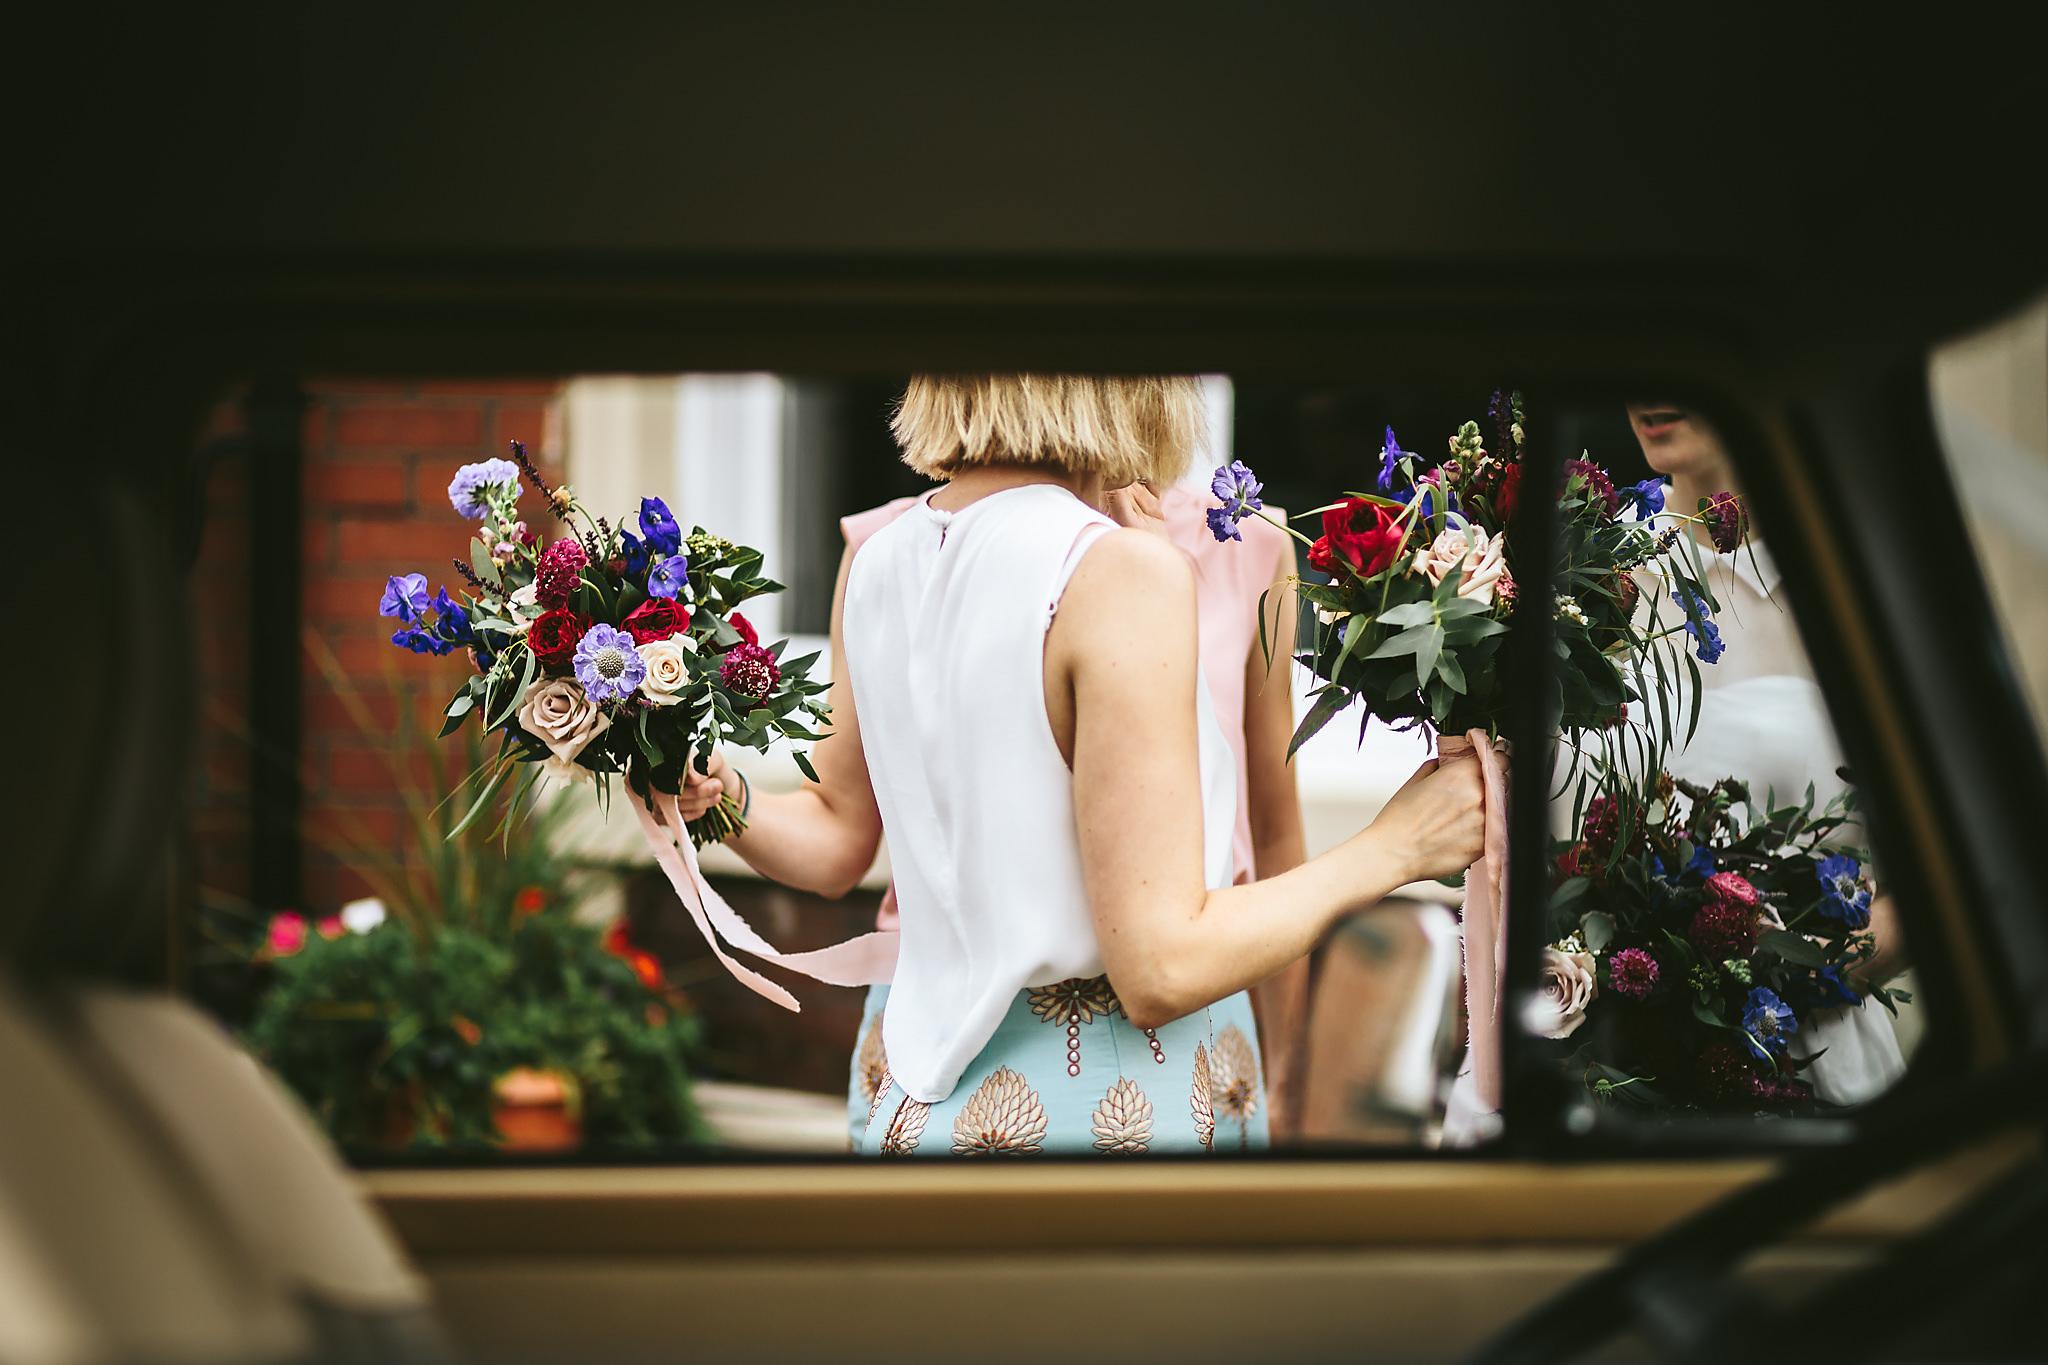 Rod_Amy_Wedding_WEB-121.jpg.jpg